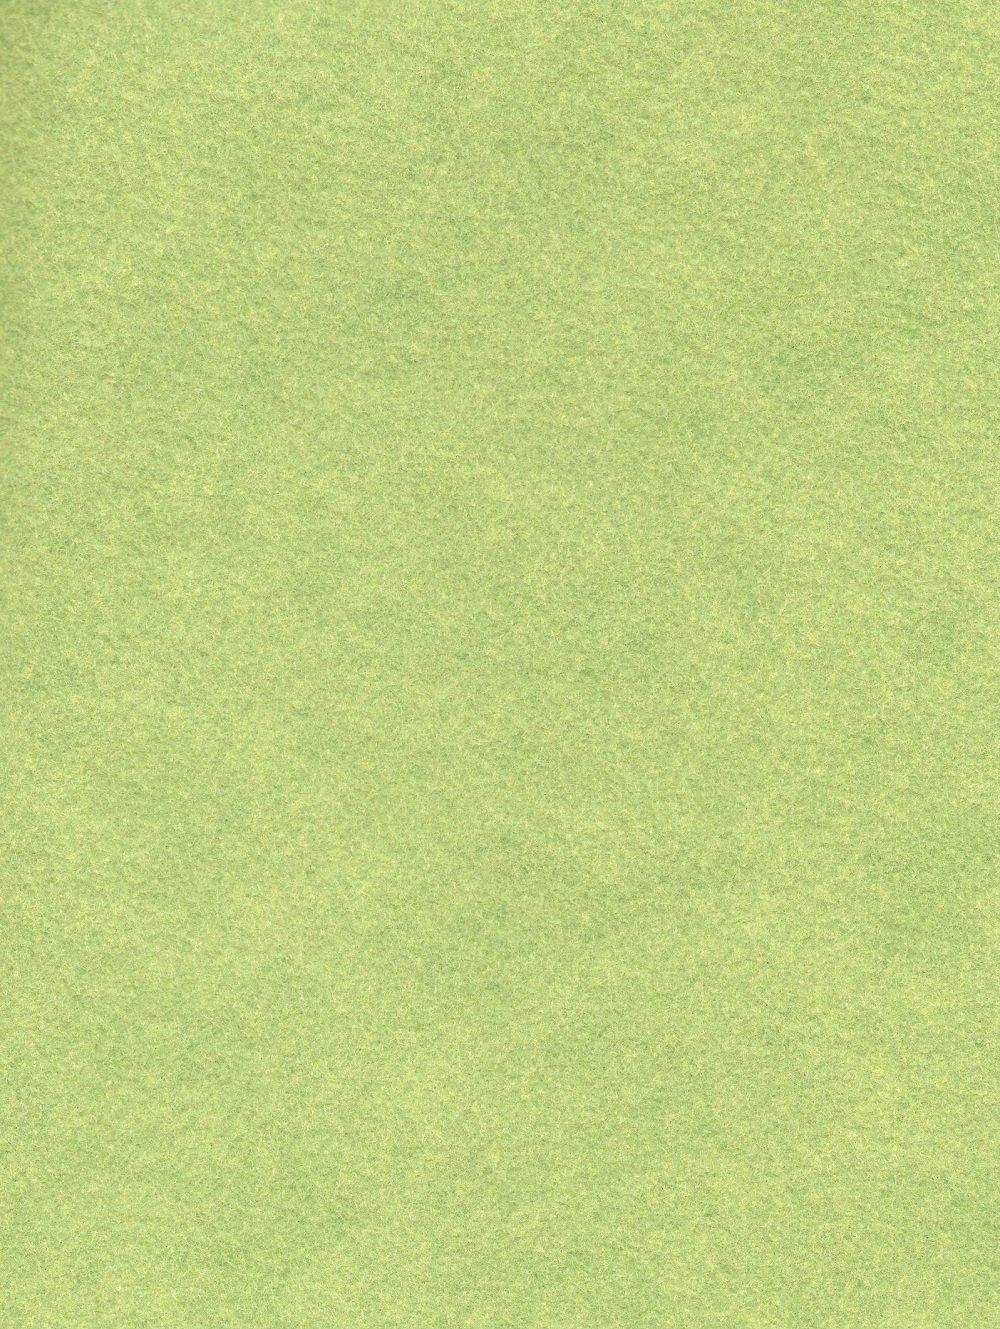 Pistachio Ice Cream - 12 x 18 Square